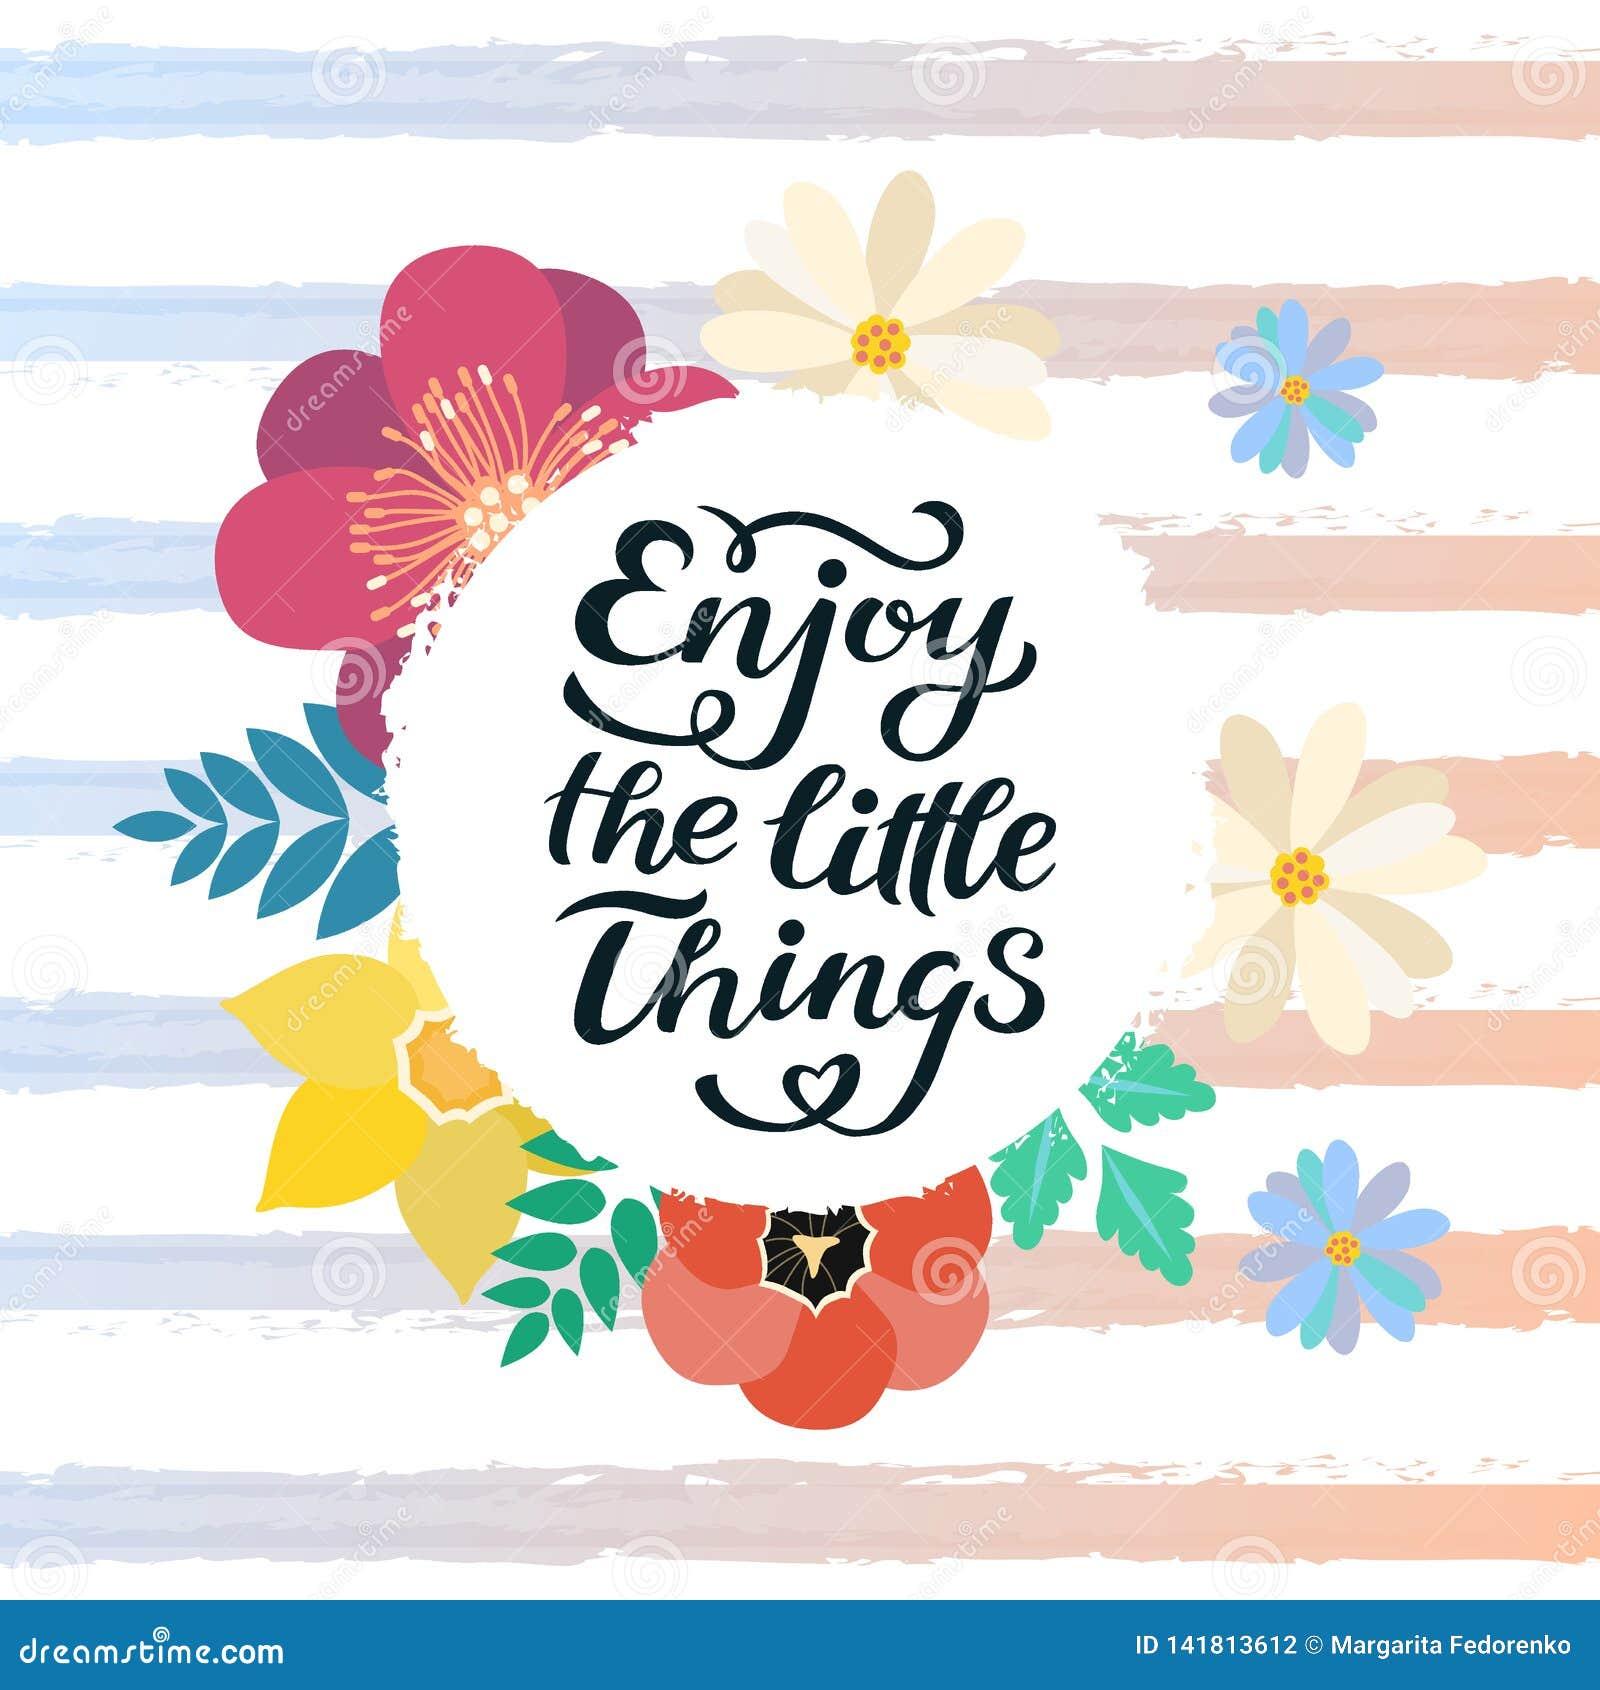 Απολαύστε τη μικρή τυπωμένη ύλη αποσπάσματος πραγμάτων στο διάνυσμα Κίνητρο αποσπασμάτων εγγραφής για τη ζωή και ευτυχία, μοναδικ